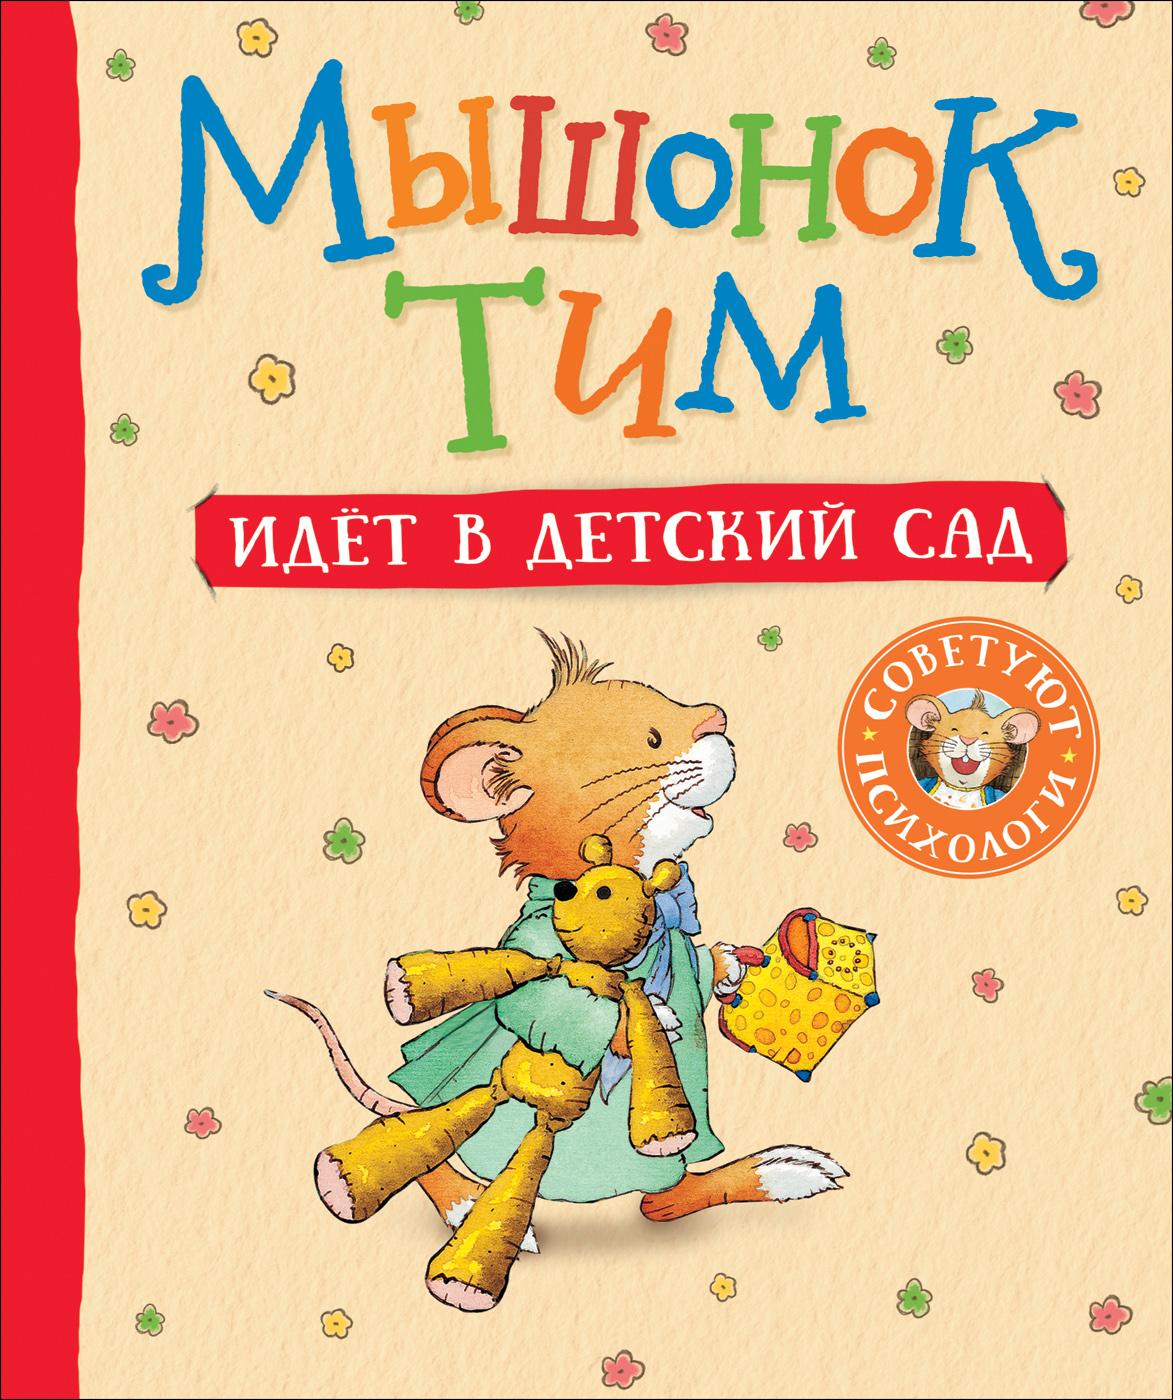 Казалис А. Мышонок Тим идет в детский сад ирина токмакова людмилка и тим в сказочном саду